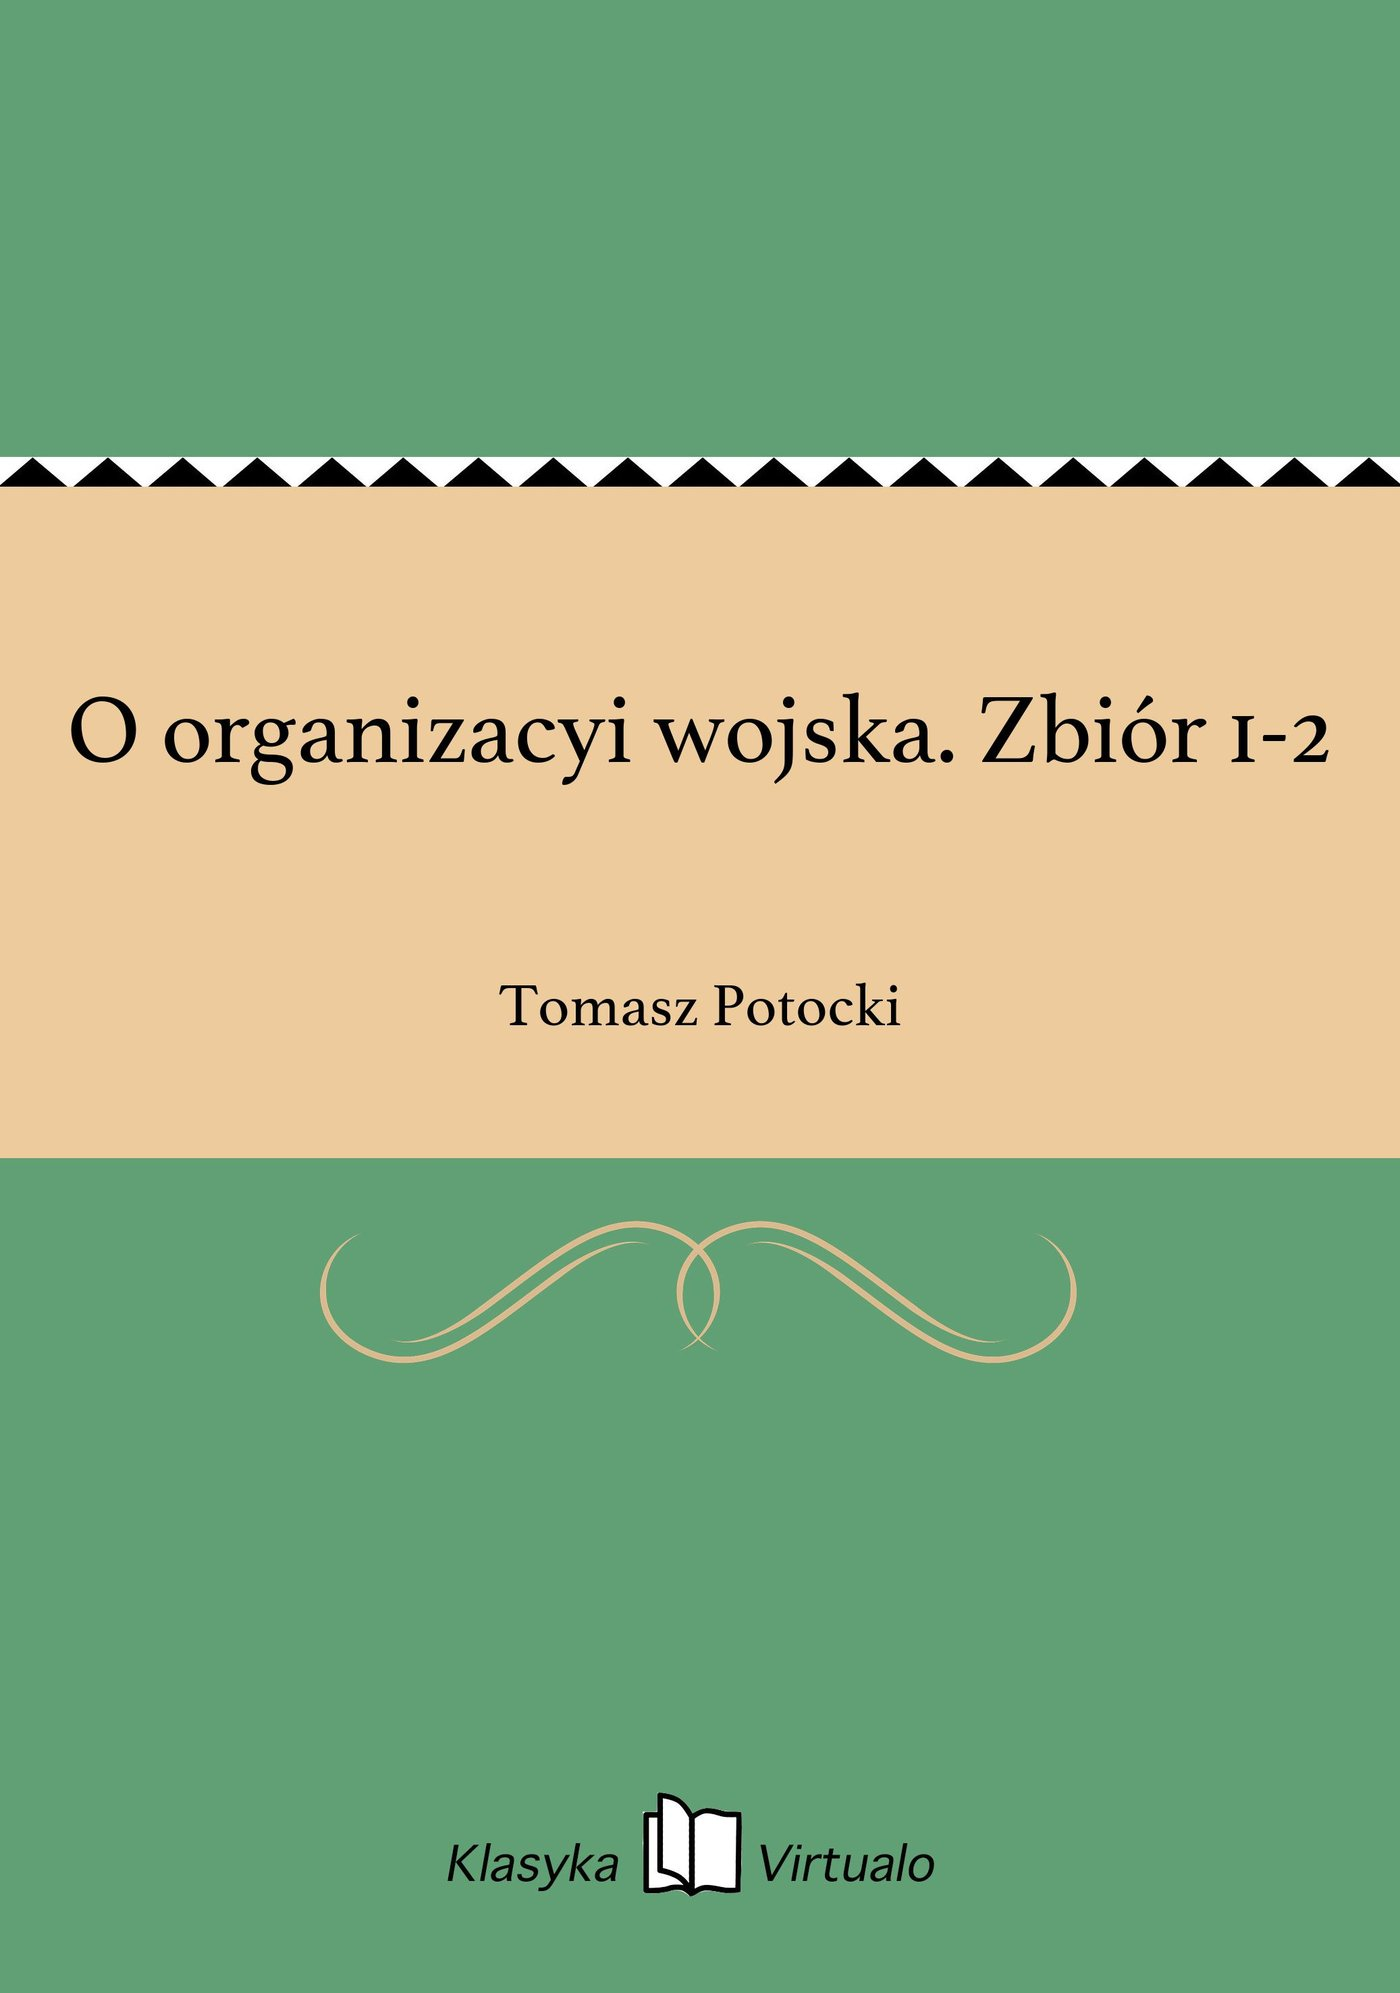 O organizacyi wojska. Zbiór 1-2 - Ebook (Książka EPUB) do pobrania w formacie EPUB